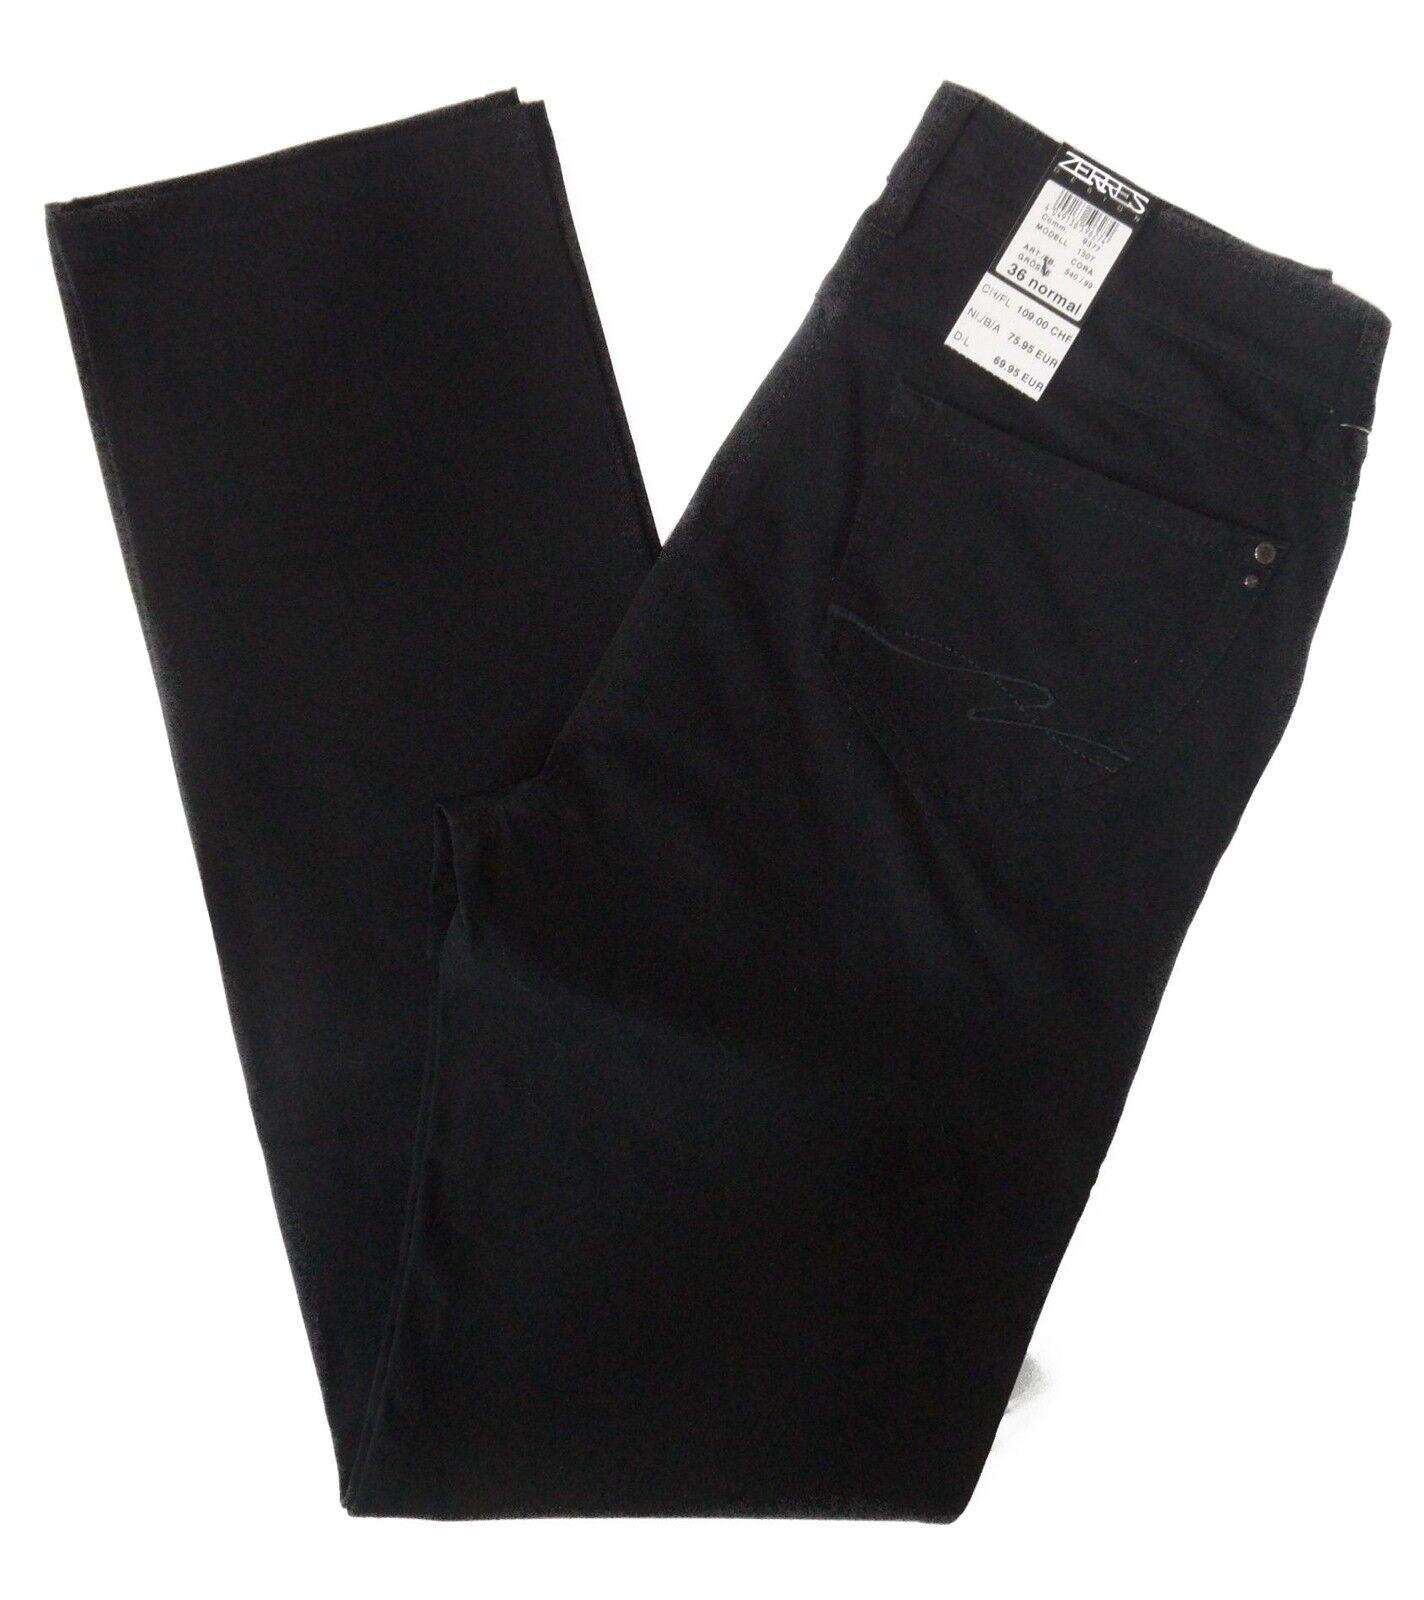 Zerres Damen Jeans Cora 1507 540 99 schwarz NEU Alle Größen Längen